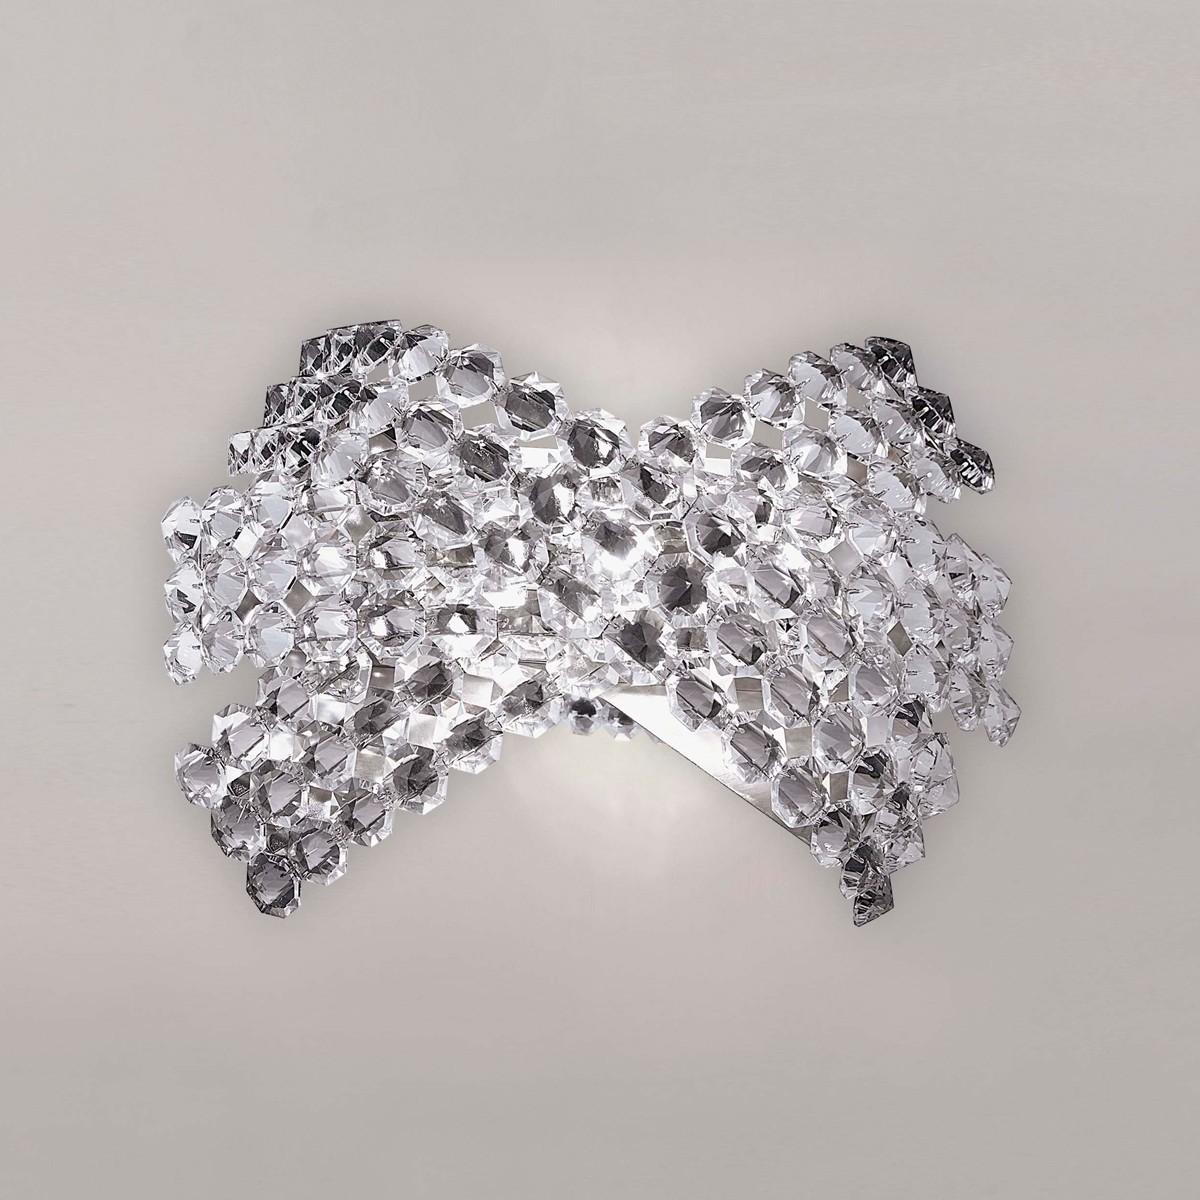 MARCHETTI Diamante AP3 Wandleuchte, Swarovski Spectra-Kristalle